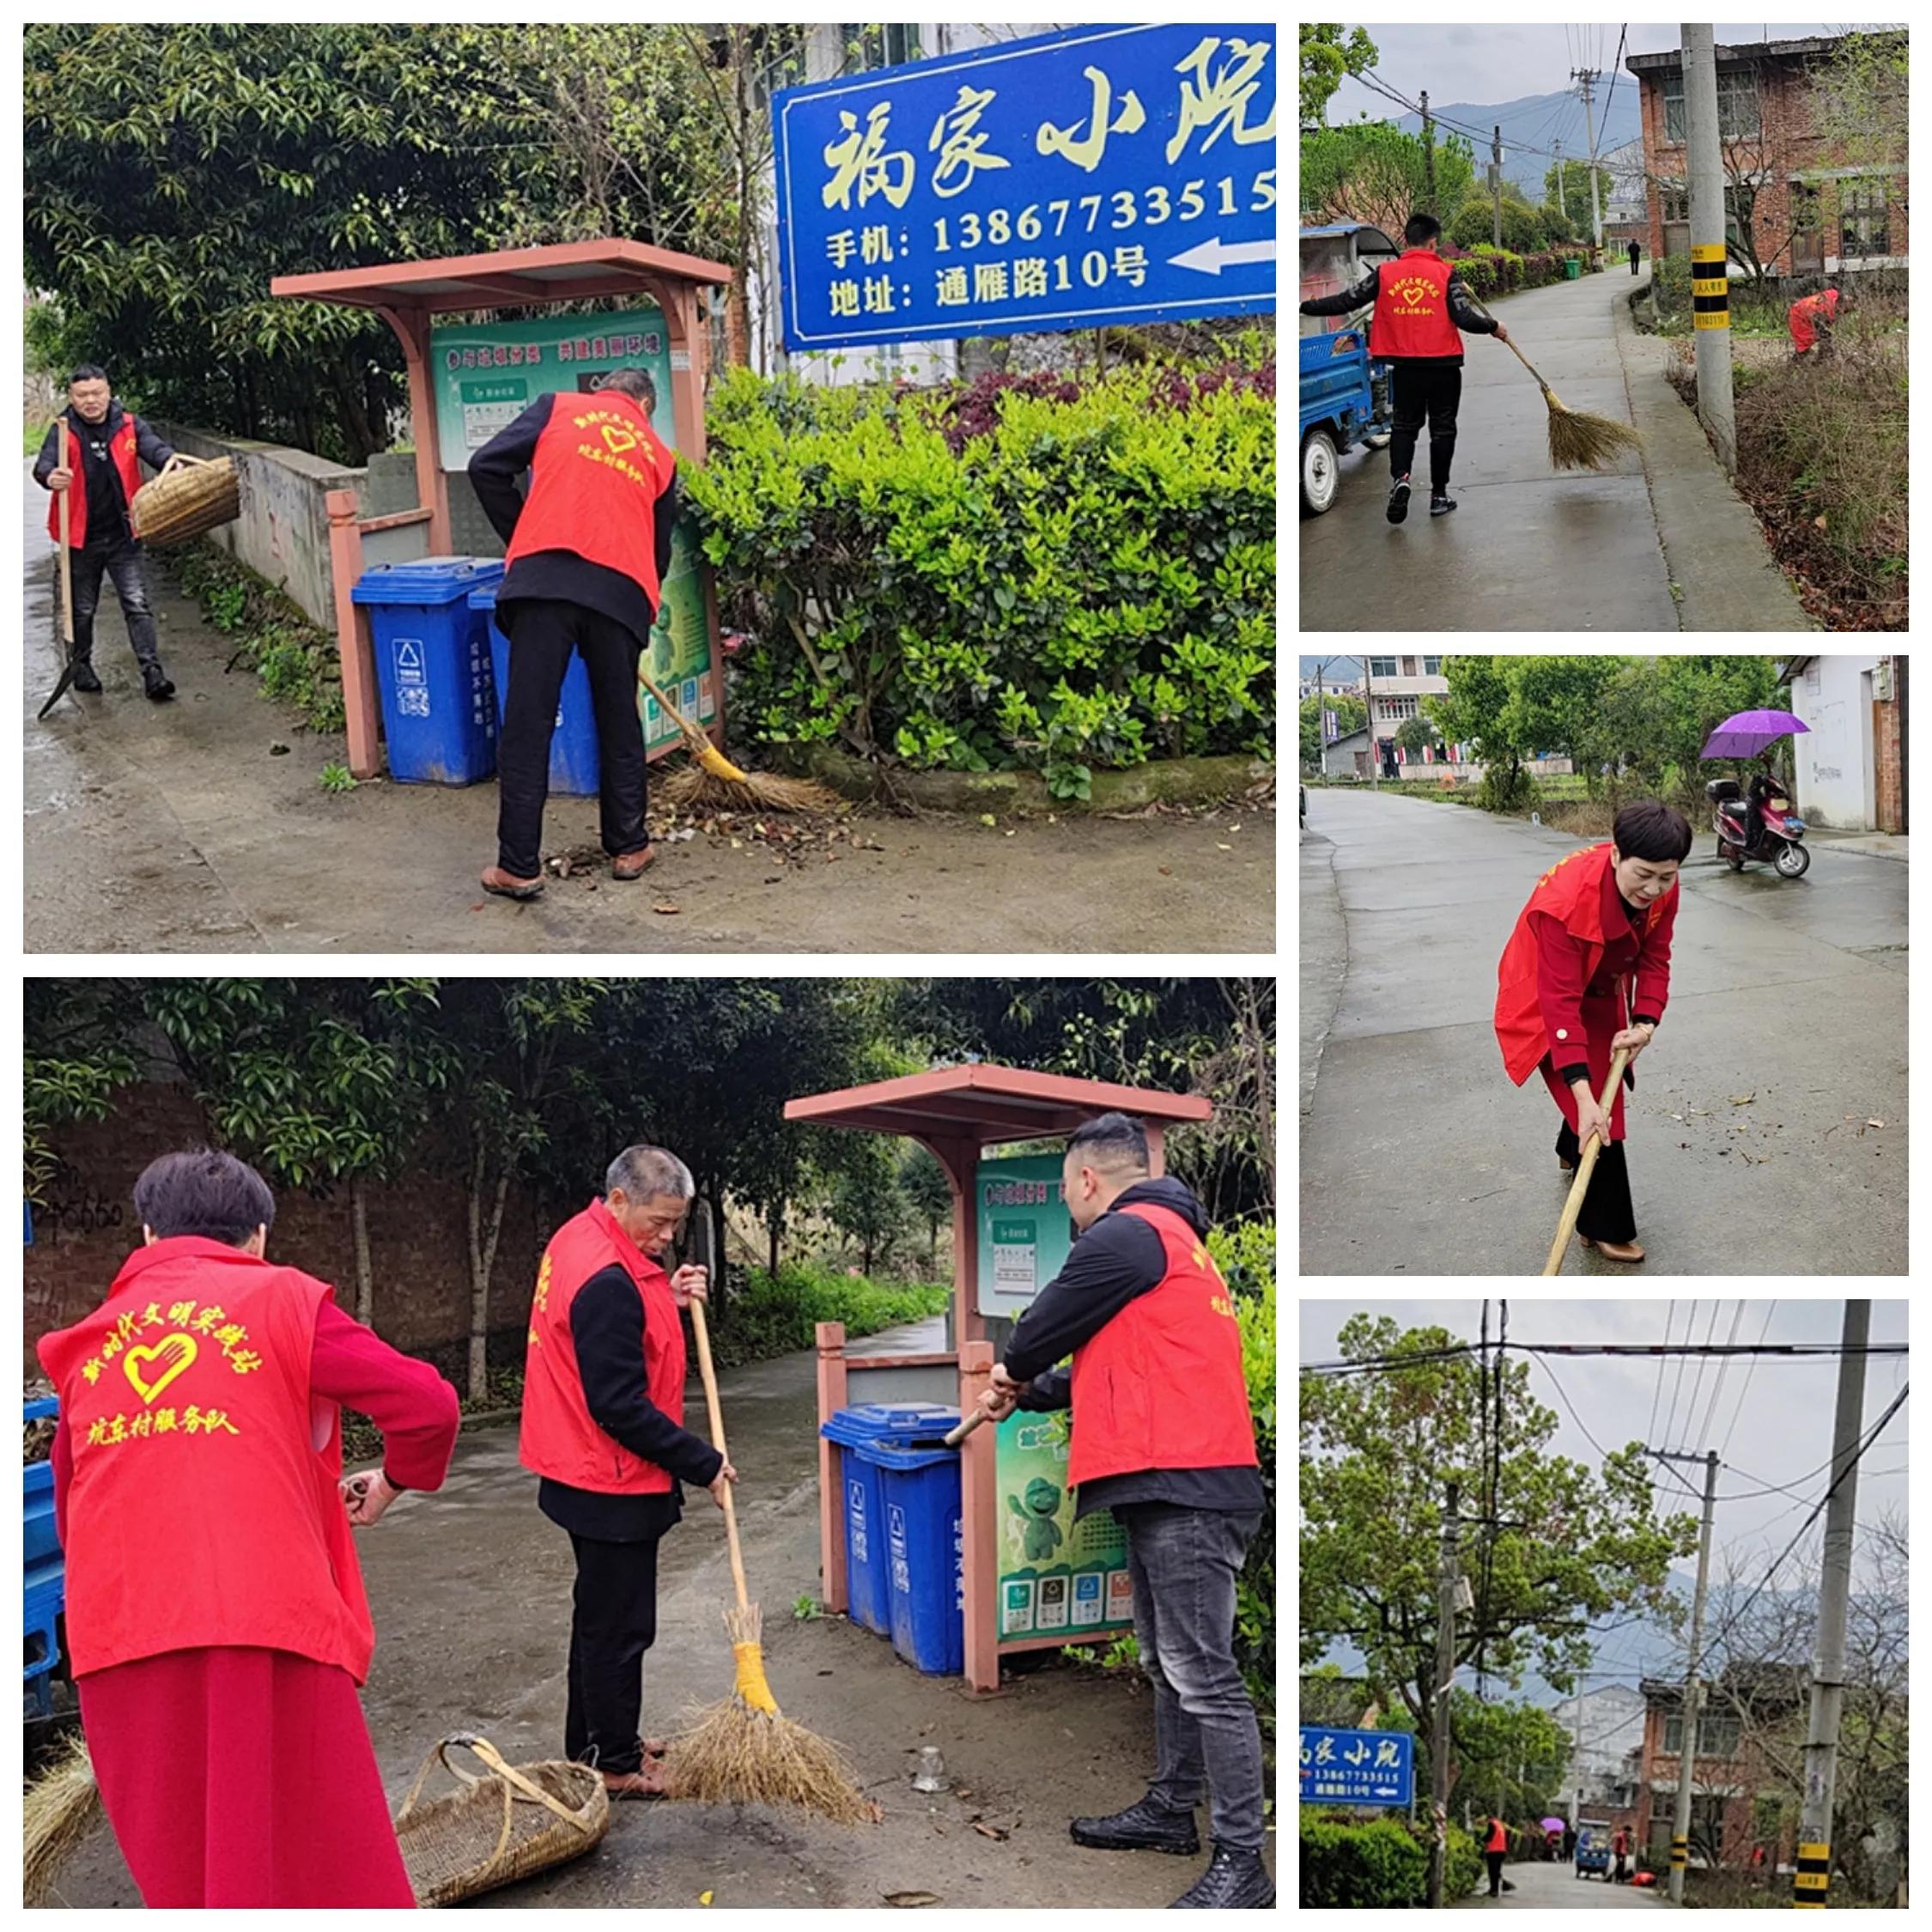 浙江平阳:山门镇坑东村领导班子成员积极打扫卫生 创建村街环境